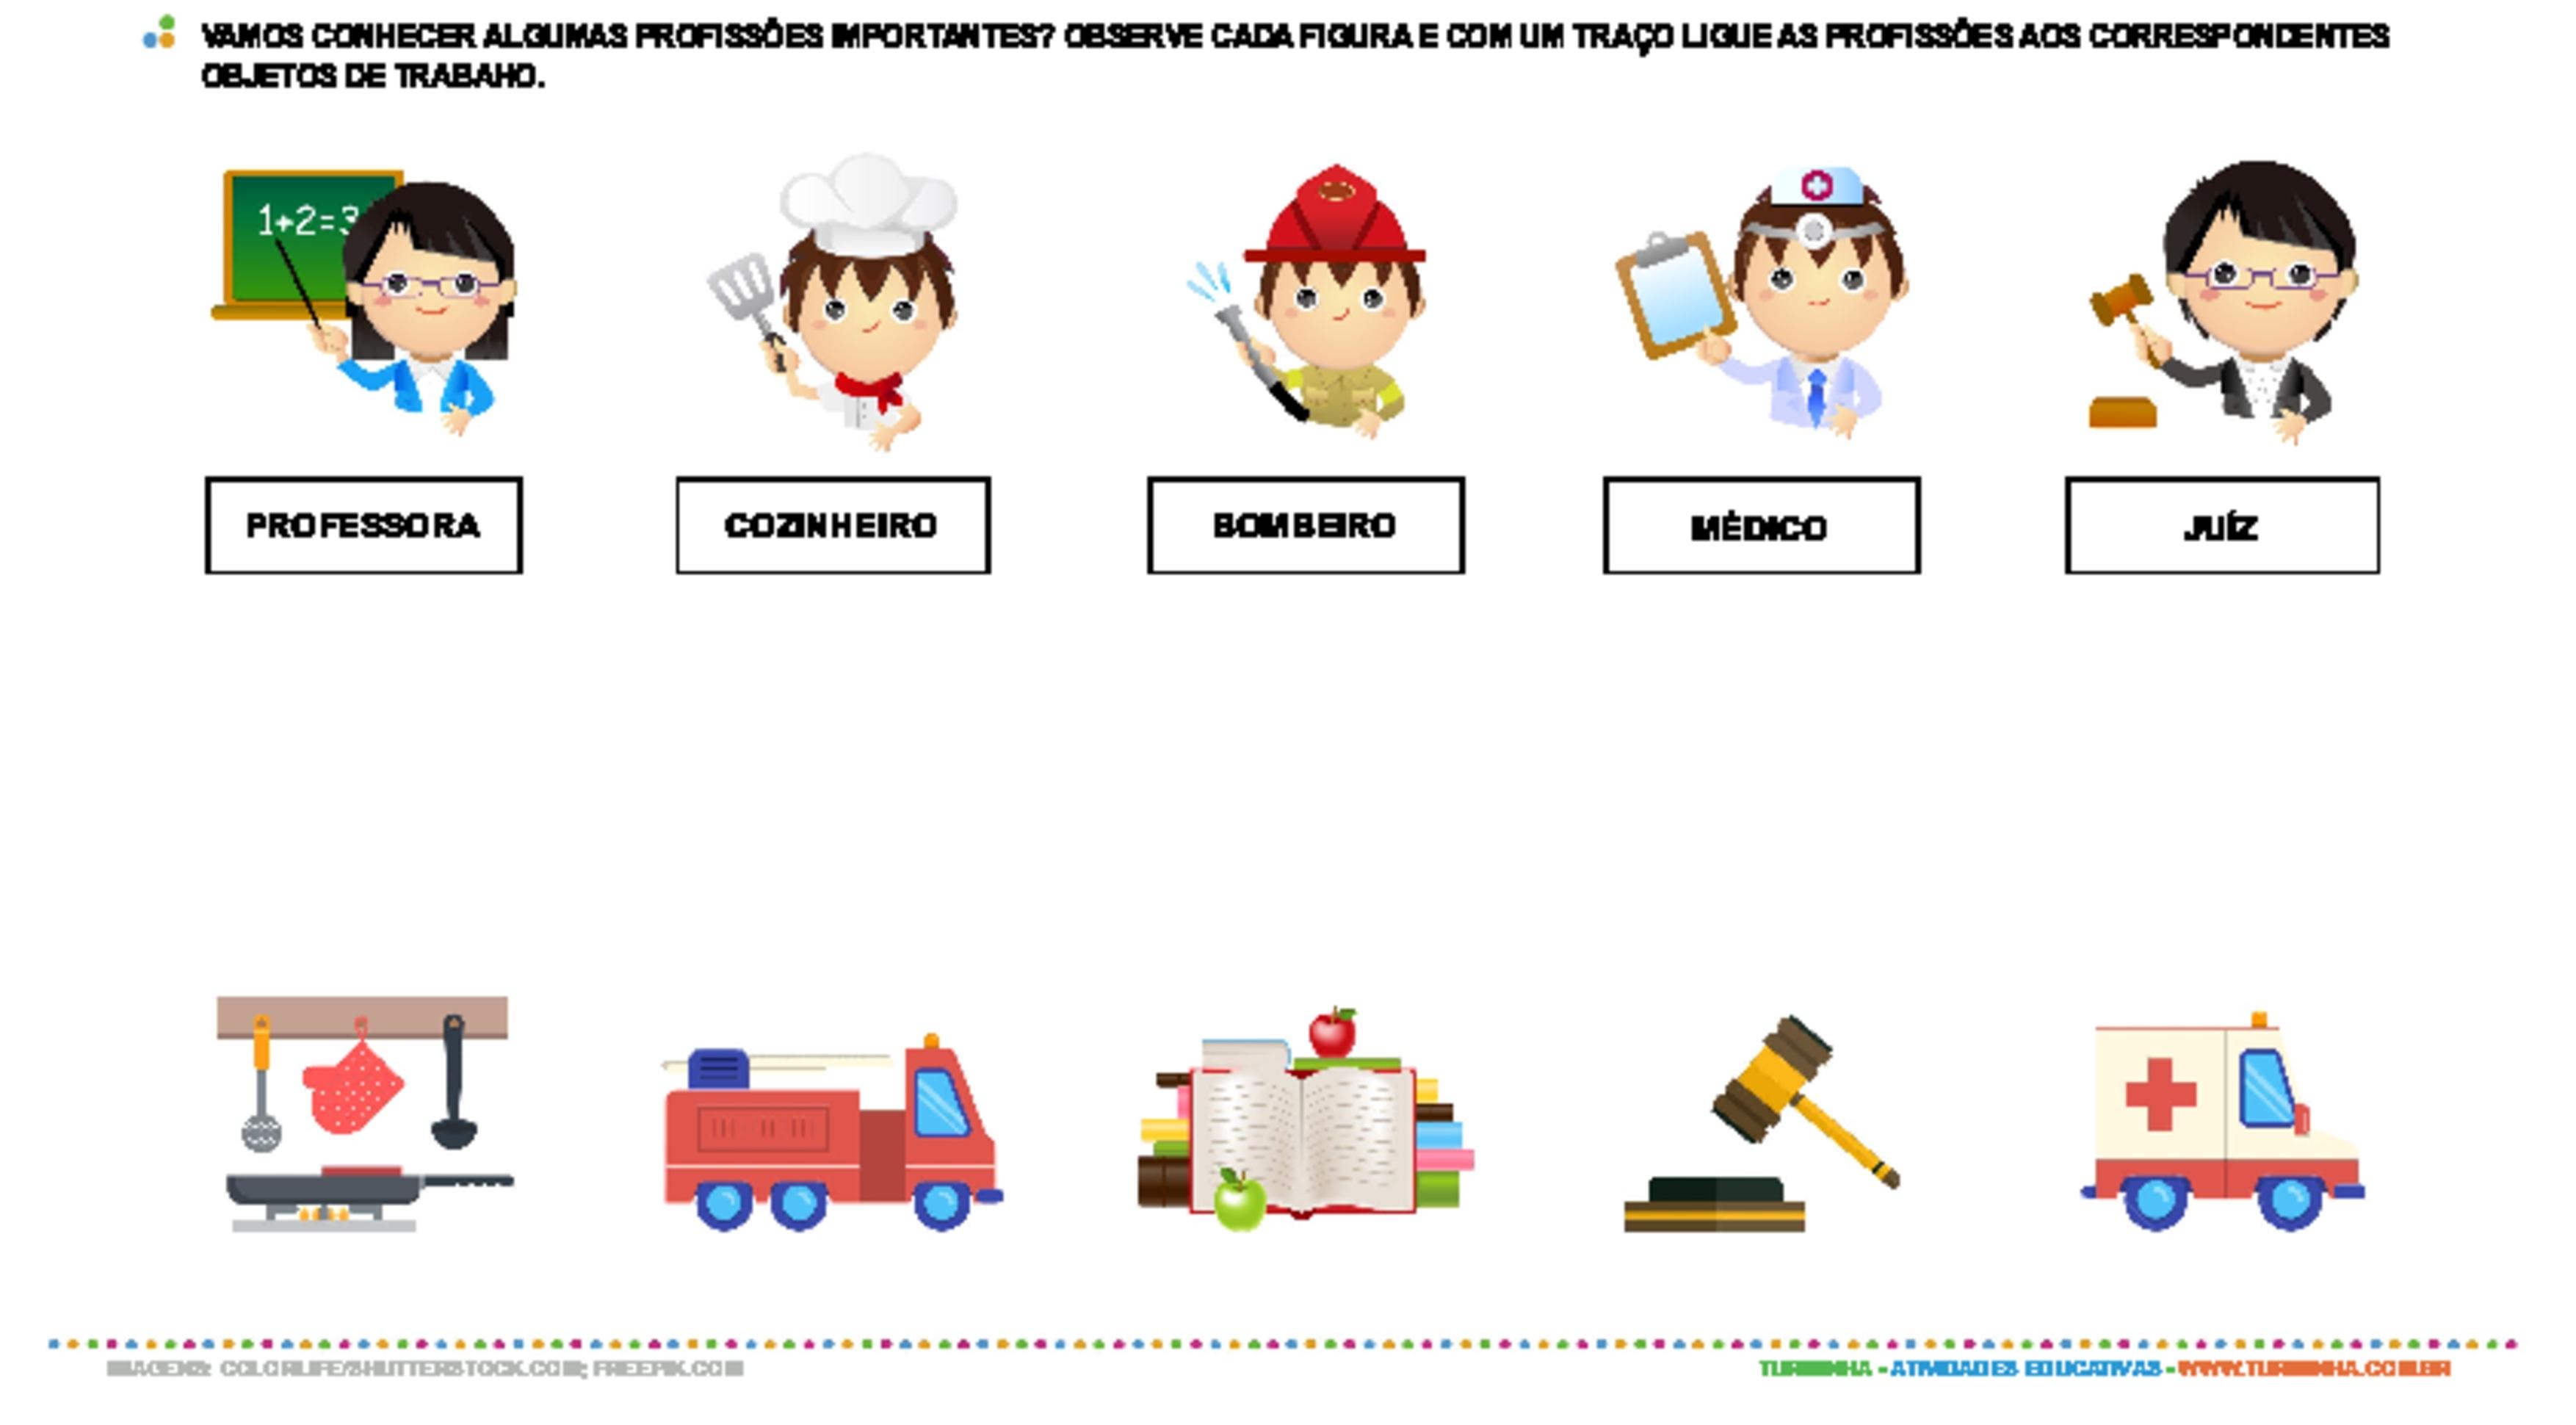 Conhecendo as profissões - atividade educativa para Pré-Escola (4 e 5 anos)